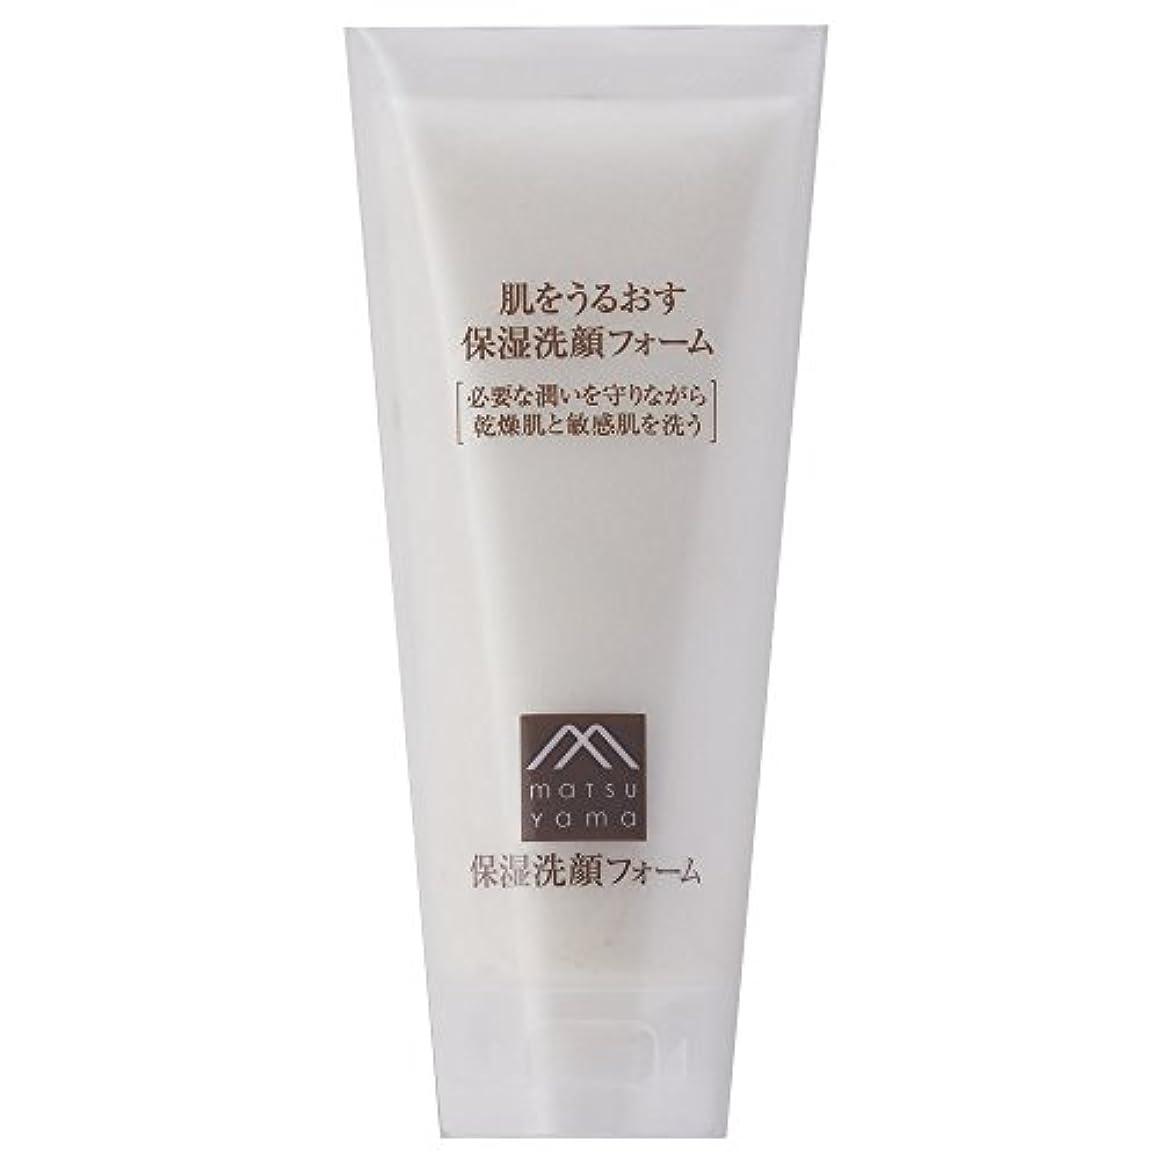 続編失う保育園肌をうるおす保湿洗顔フォーム(洗顔料) [乾燥肌 敏感肌]